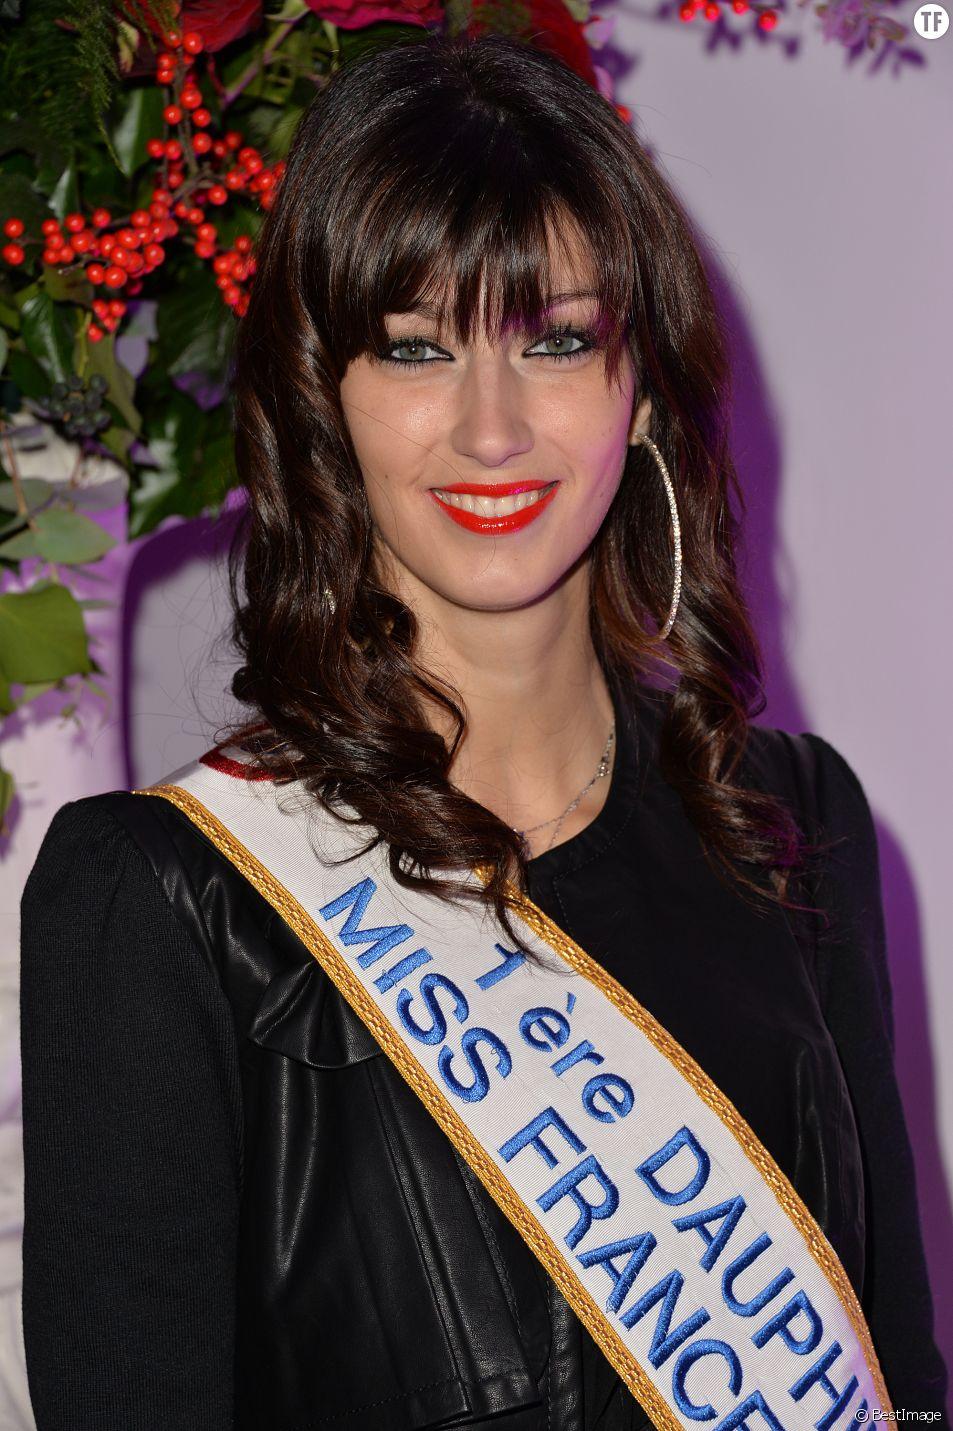 Sophie Vouzelaud (1ère Dauphine Miss France 2007) - Cocktail pour les 1 an de la maison Aloha Paris Luxe aux Salons Hoche à Paris, le 19 décembre 2014.